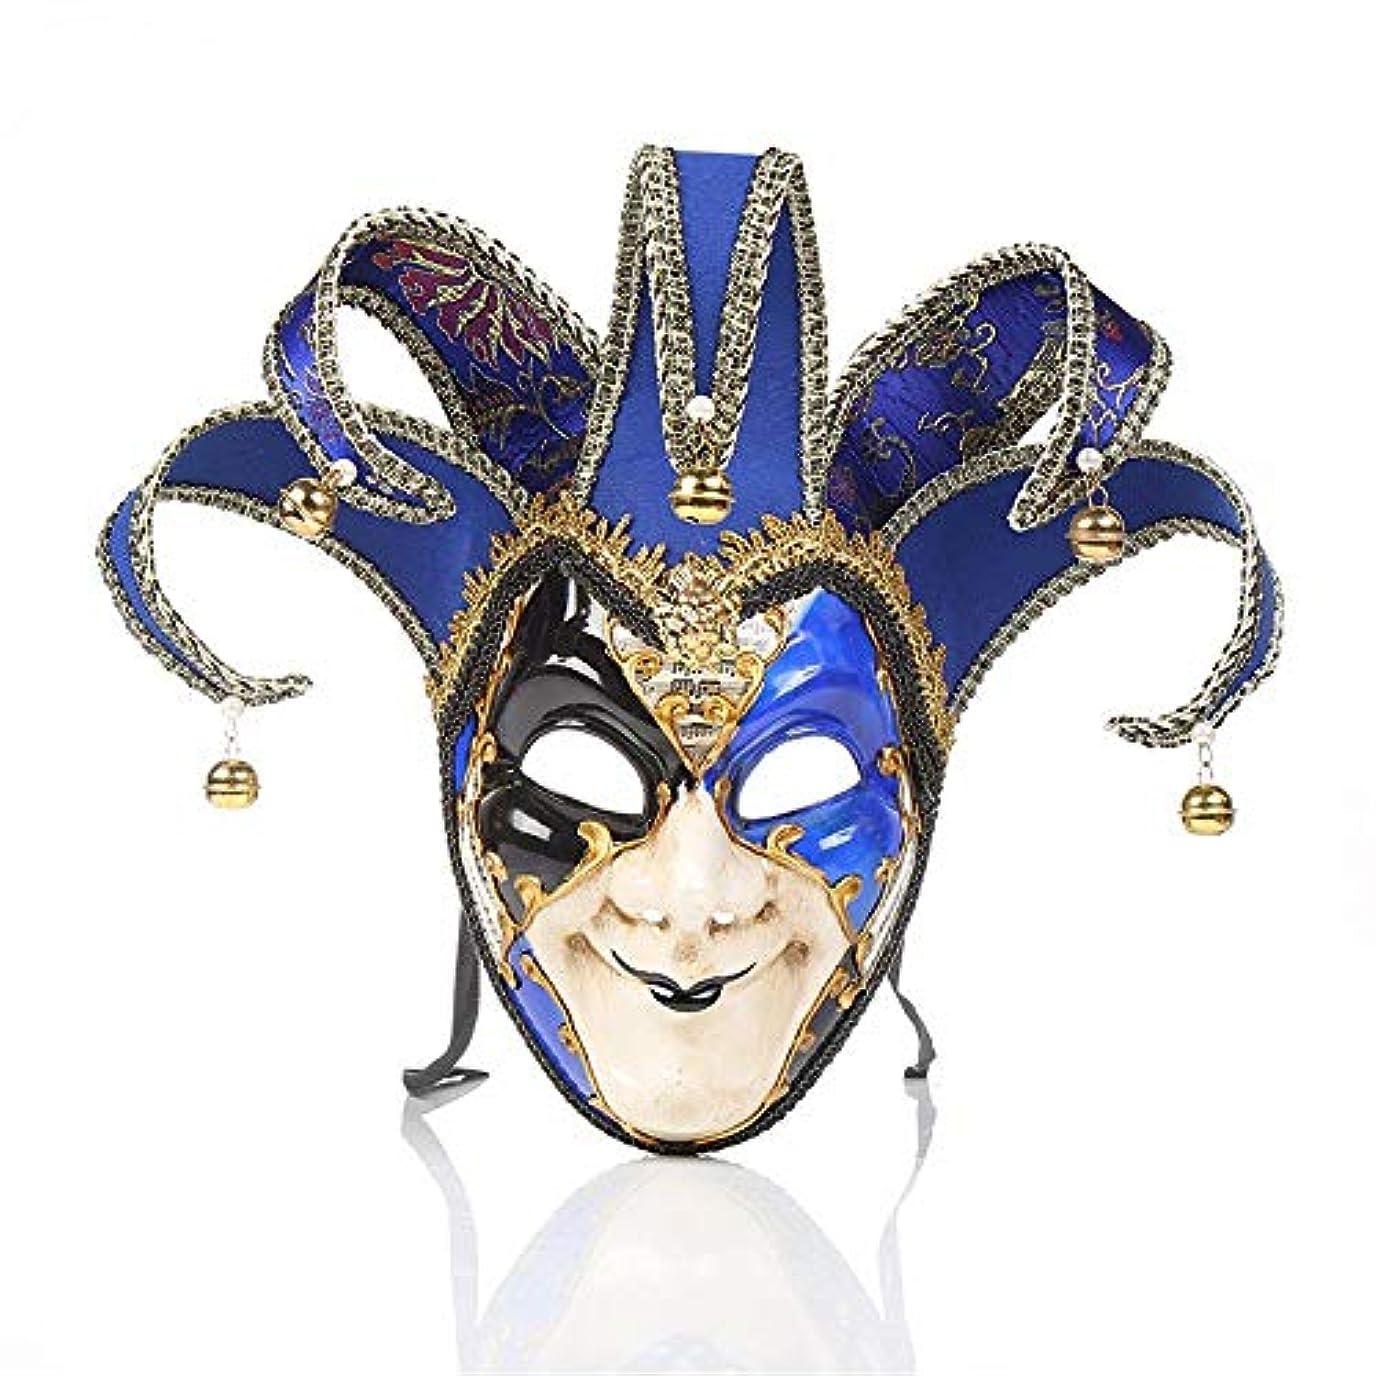 センブランス決めます予測子ダンスマスク ピエロマスクハロウィーンパフォーマンスパフォーマンス仮面舞踏会雰囲気用品祭りロールプレイングプラスチックマスク ホリデーパーティー用品 (色 : 青, サイズ : 39x33cm)